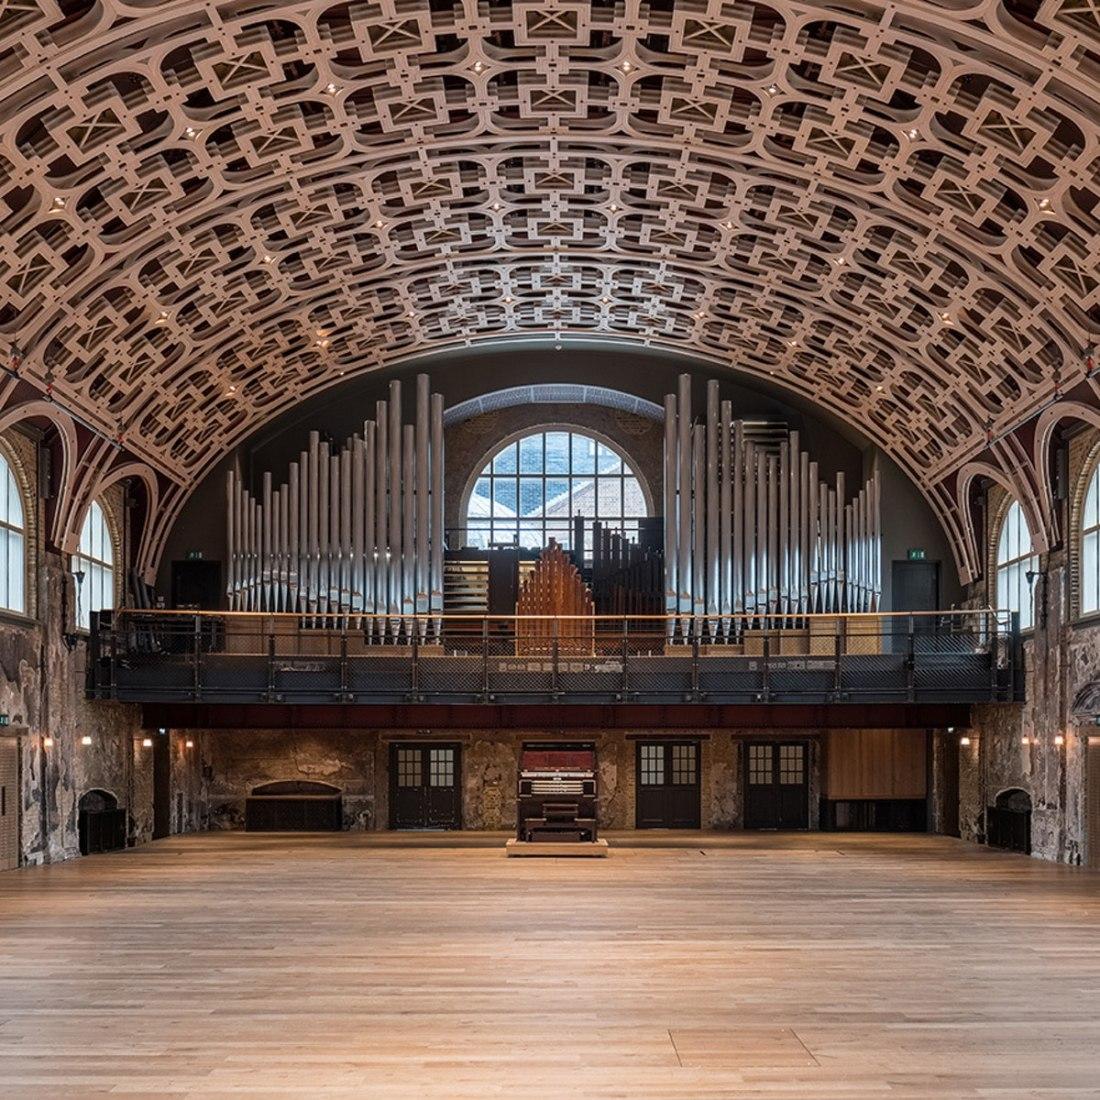 Centro de las Artes Battersea por Haworth Tompkins. Fotografía por Fred Howarth.